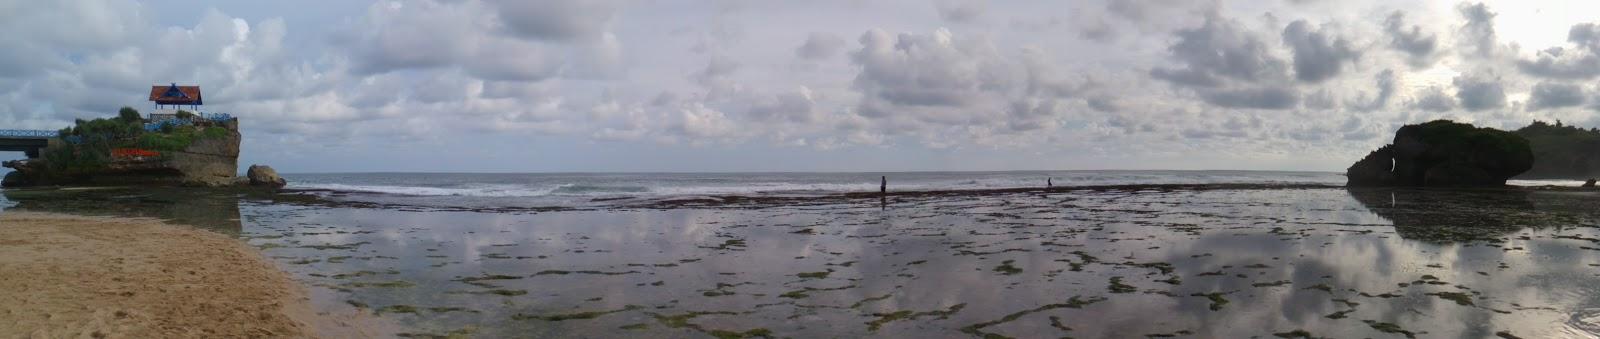 Jalan-jalan ke Jogjakarta - Naila's Timeline